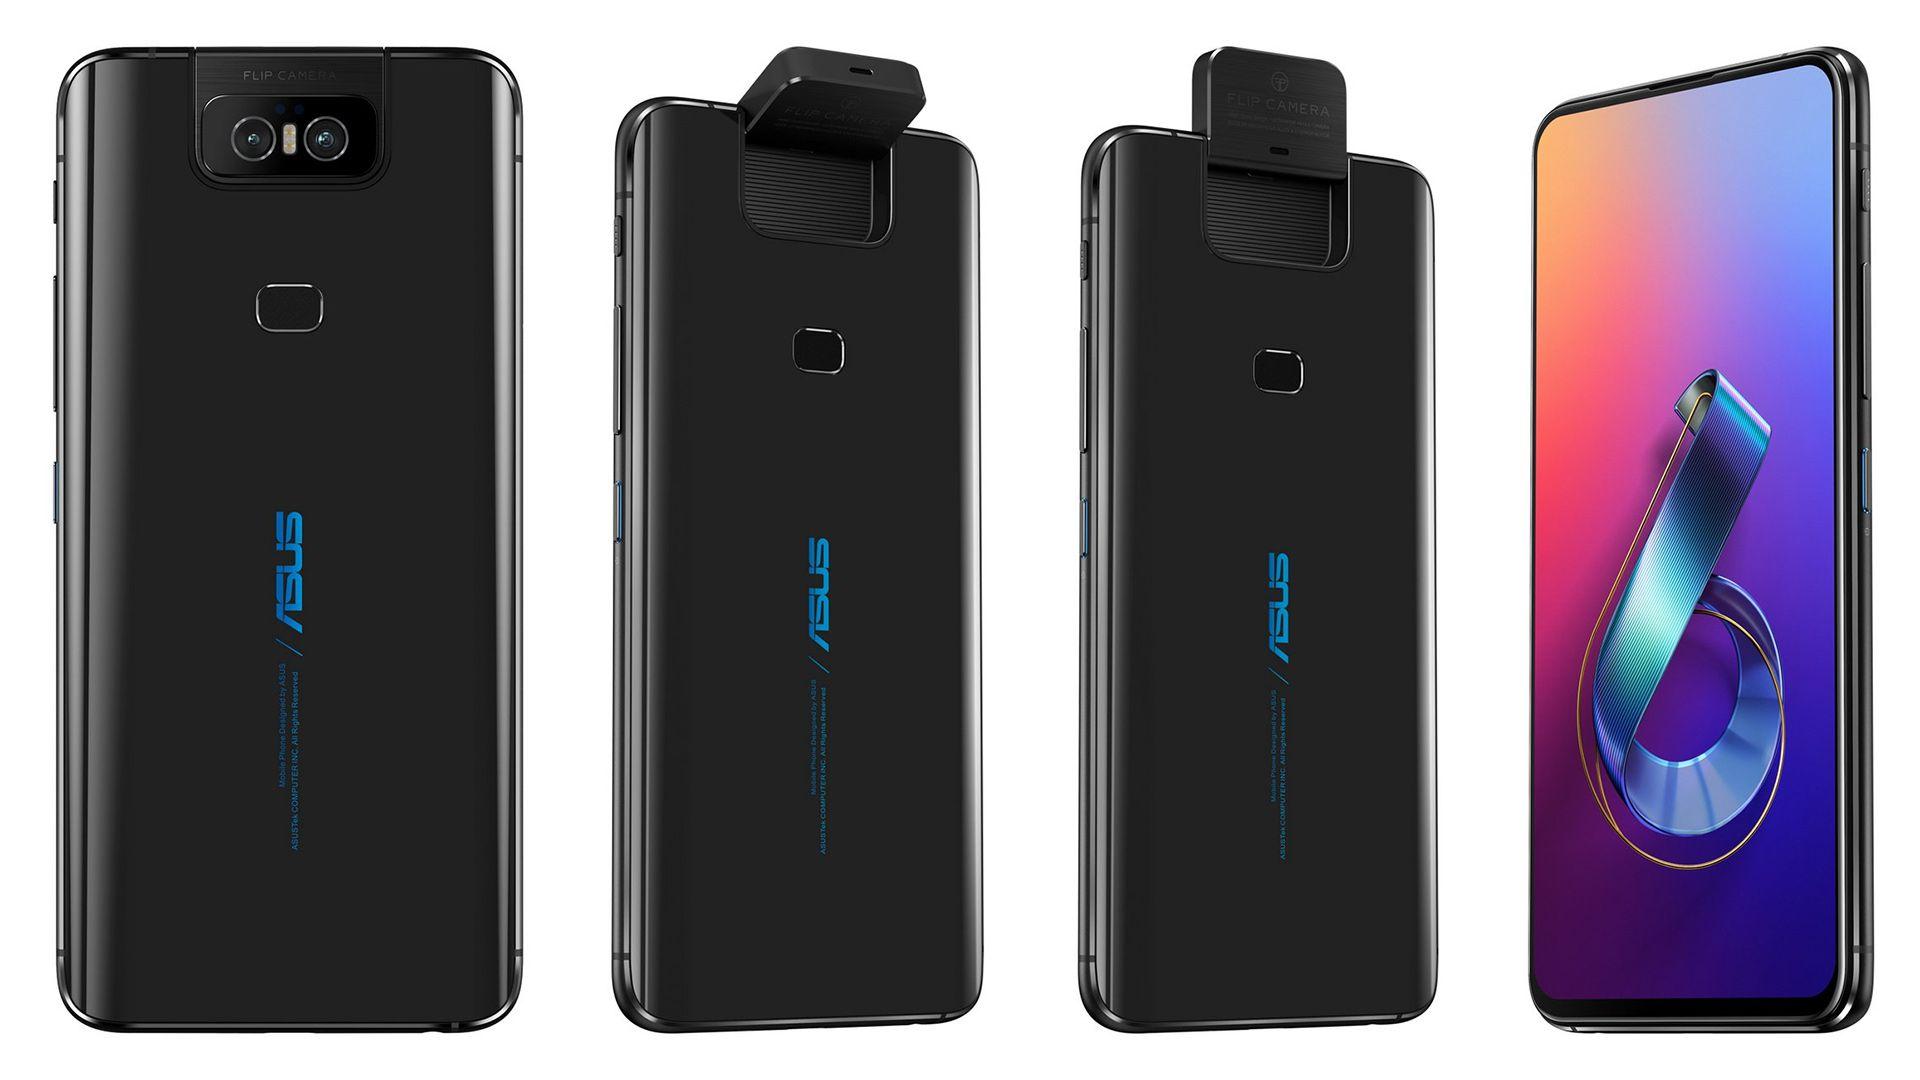 المراجعة الكاملة لأفضل هواتف الكاميرا الأمامية على الإطلاق Asus Zenfone 6